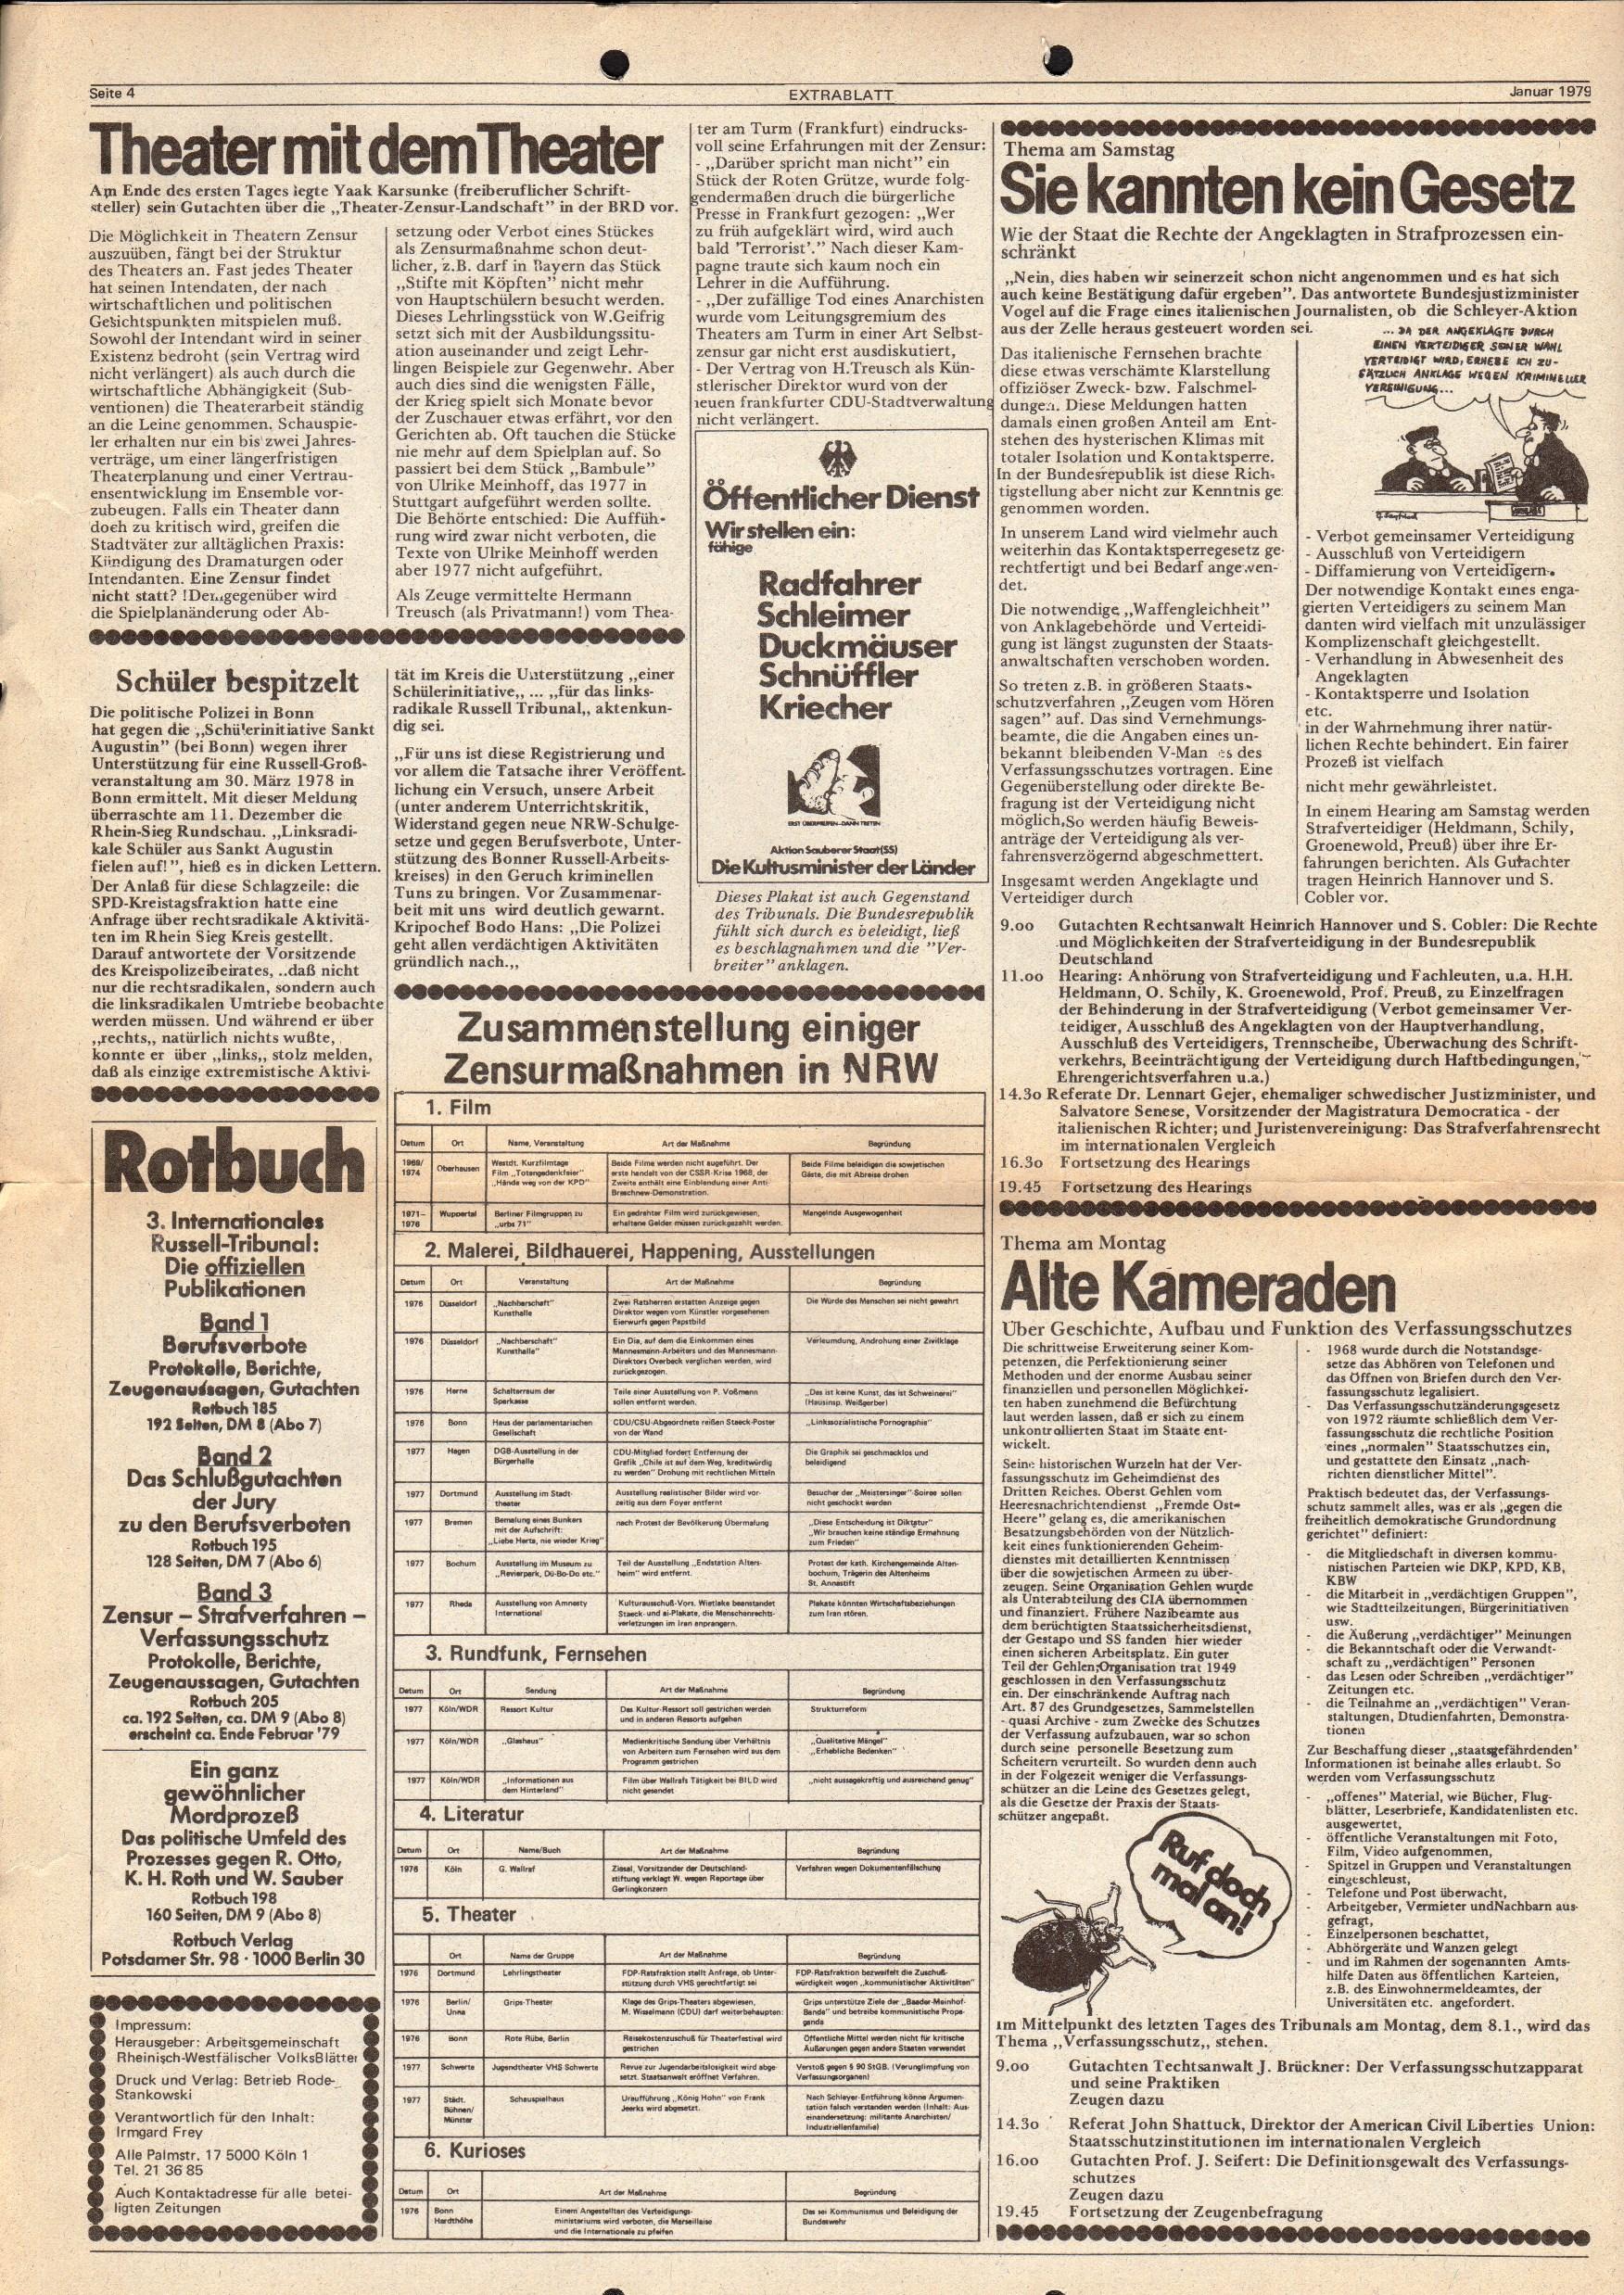 Volksblatt_Extrablatt_zum_Russell_Tribunal_1978_04